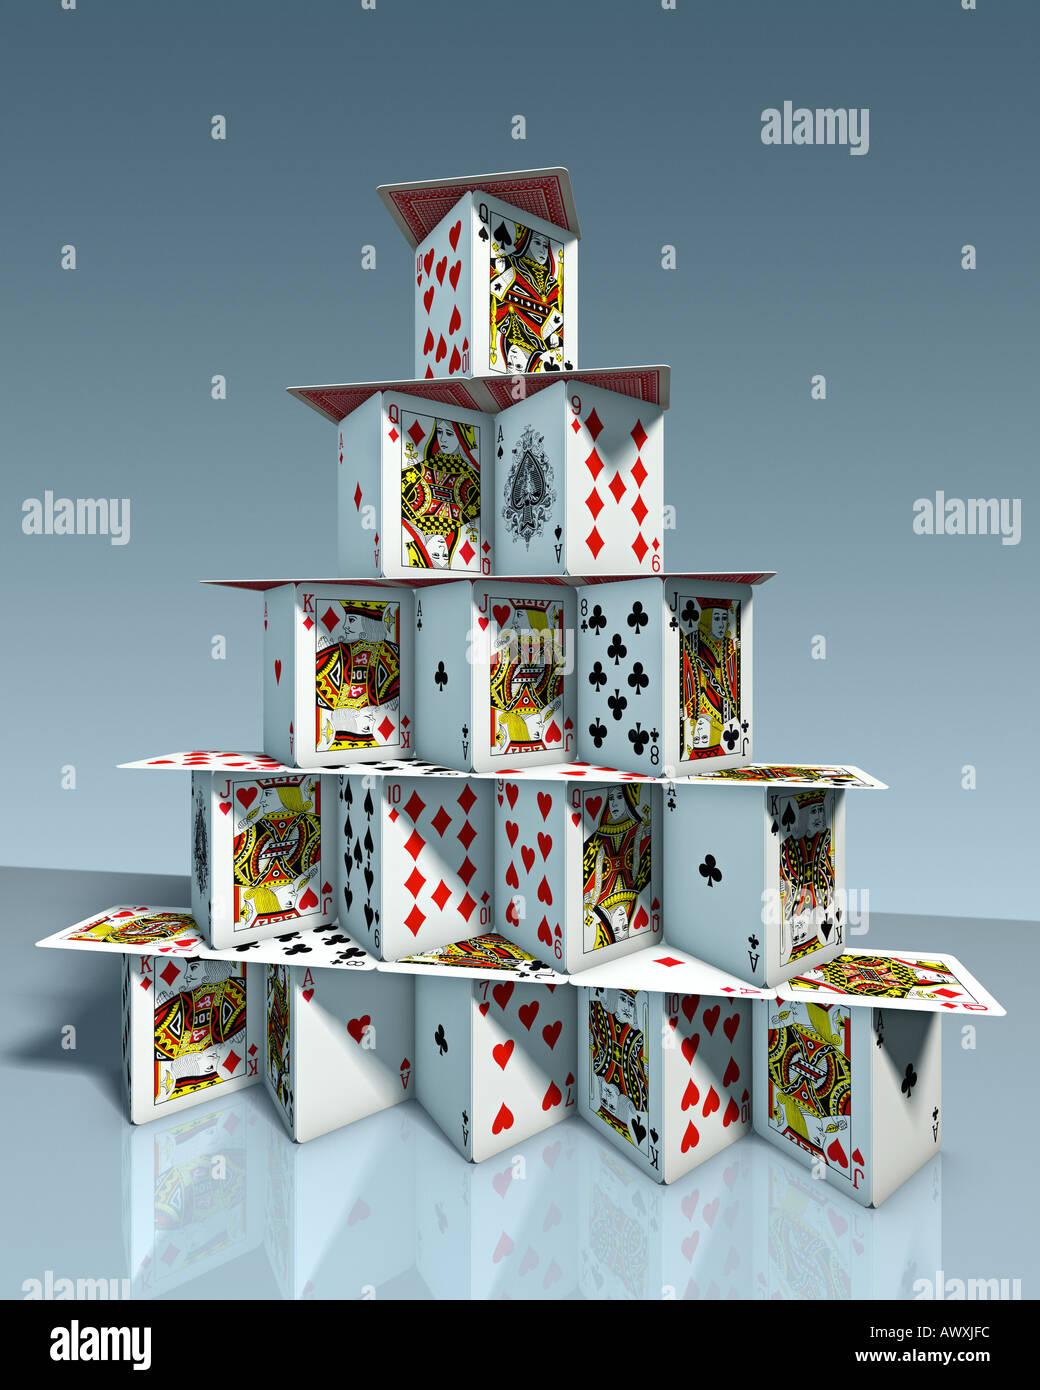 Chart House castillo en el aire una baraja de cartas pack de tarjetas símbolo de equilibrio armonía organización estatal empresa asociación club Imagen De Stock